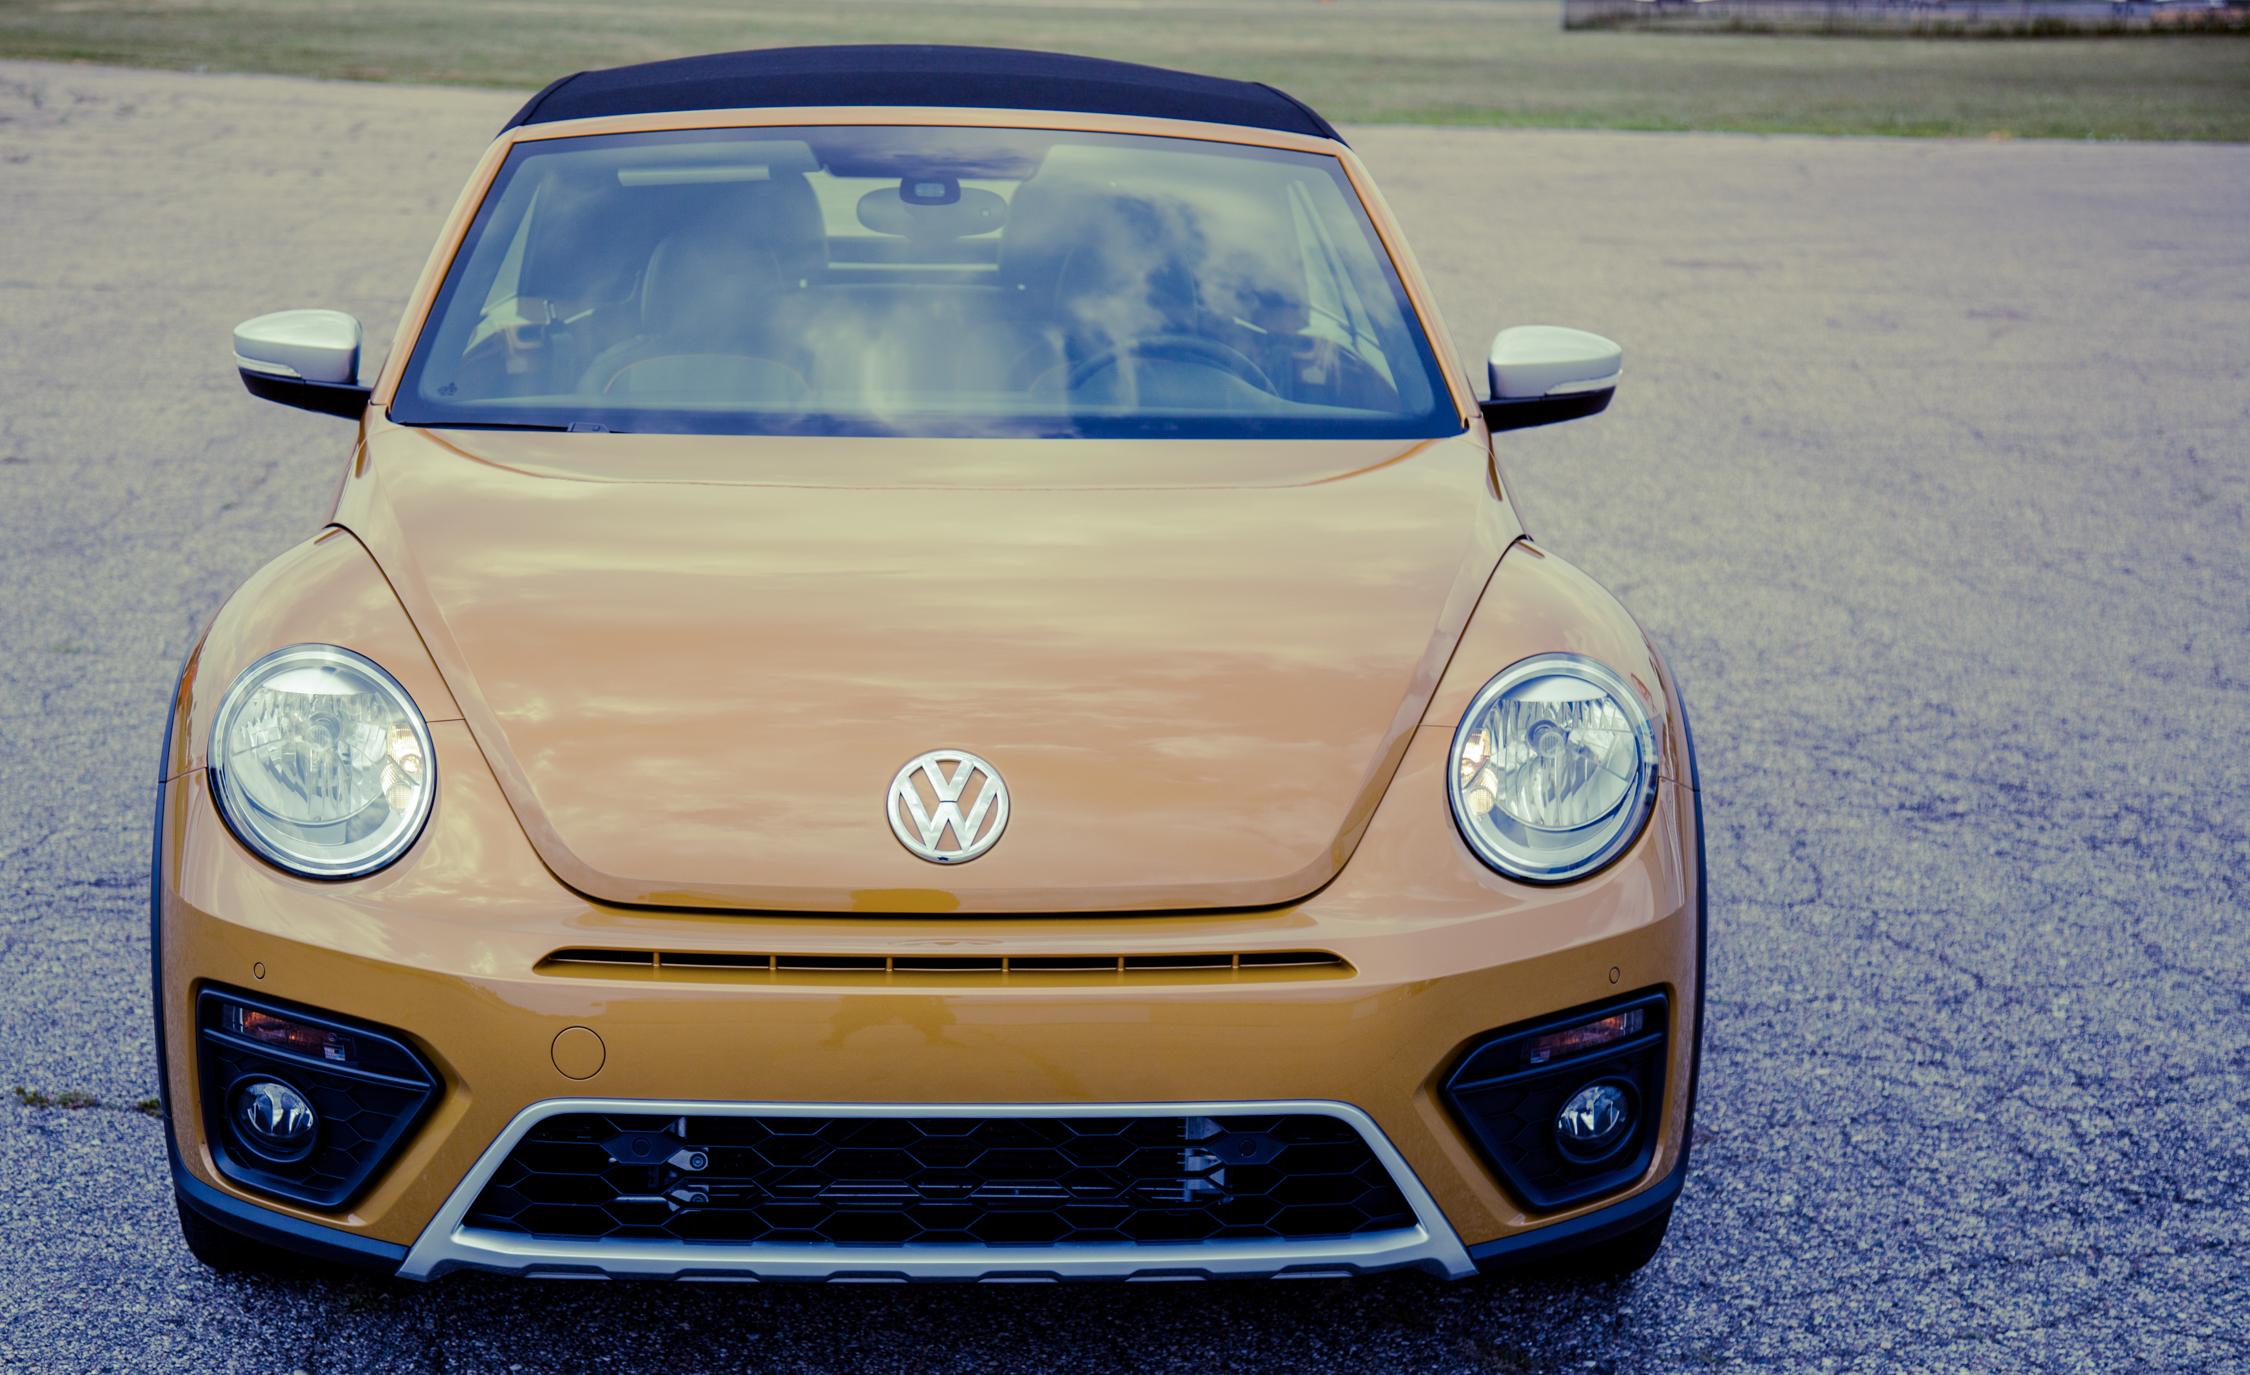 2017 Volkswagen Beetle Dune Convertible Exterior Front (Photo 3 of 19)